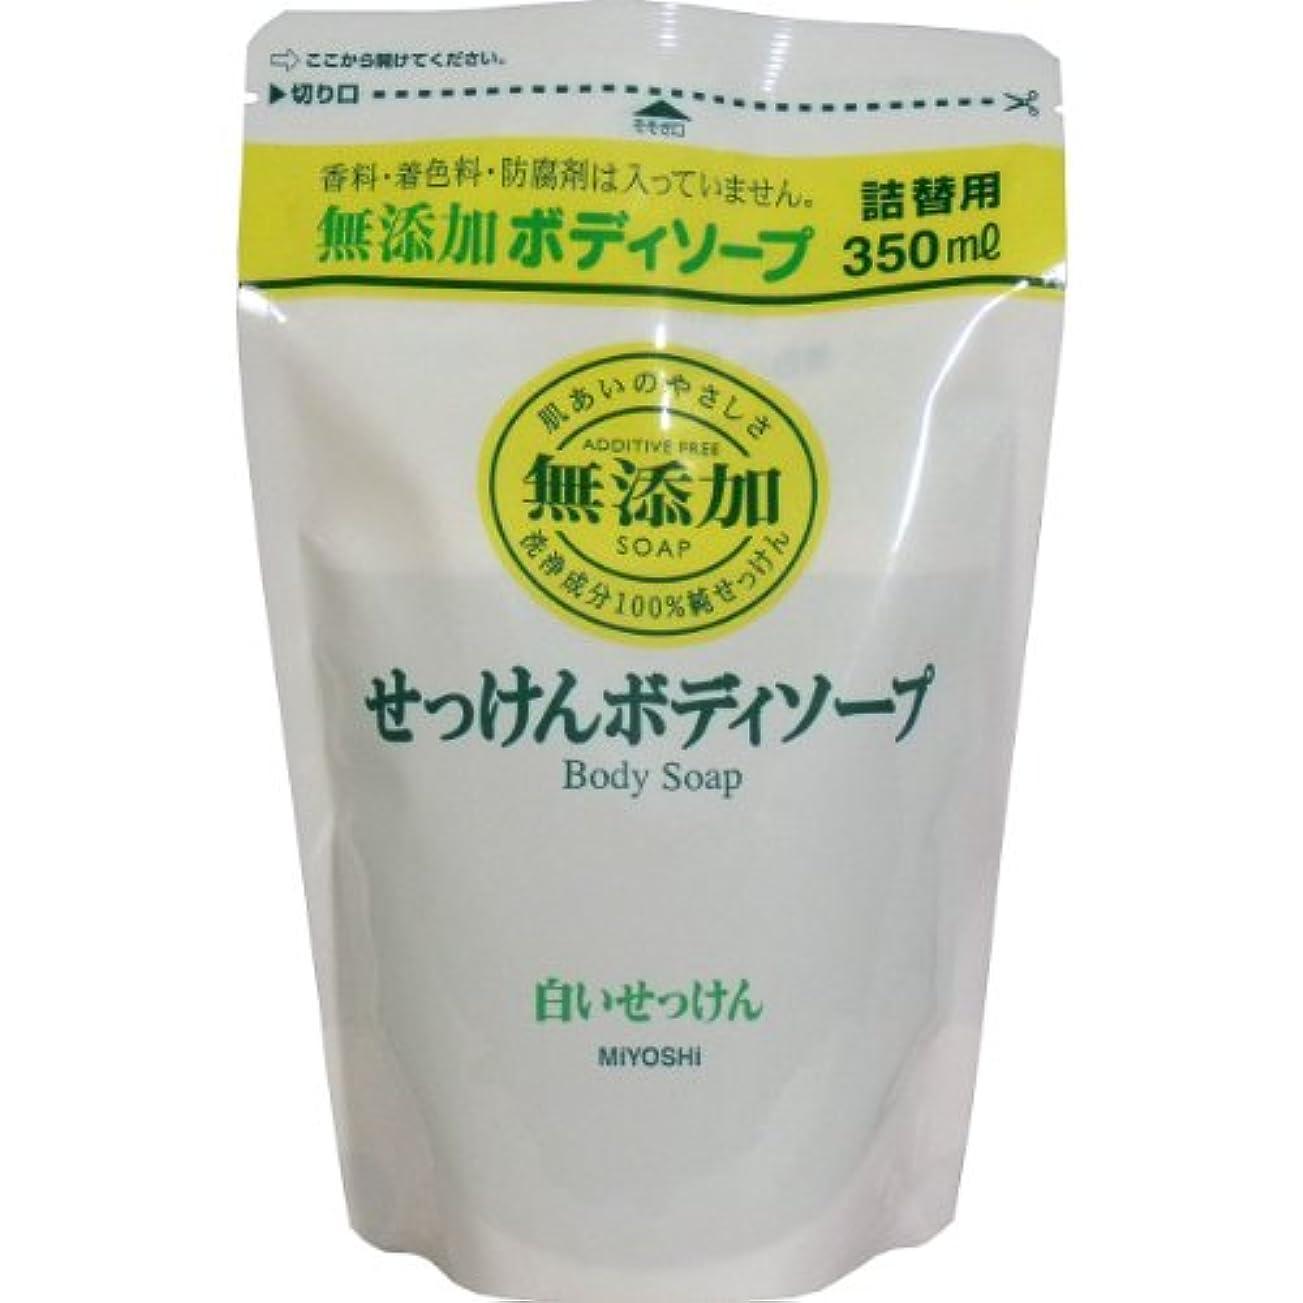 カエル知性チケットミヨシ石鹸 無添加 ボディソープ 白い石けん つめかえ用 350ml×20個セット(無添加石鹸)